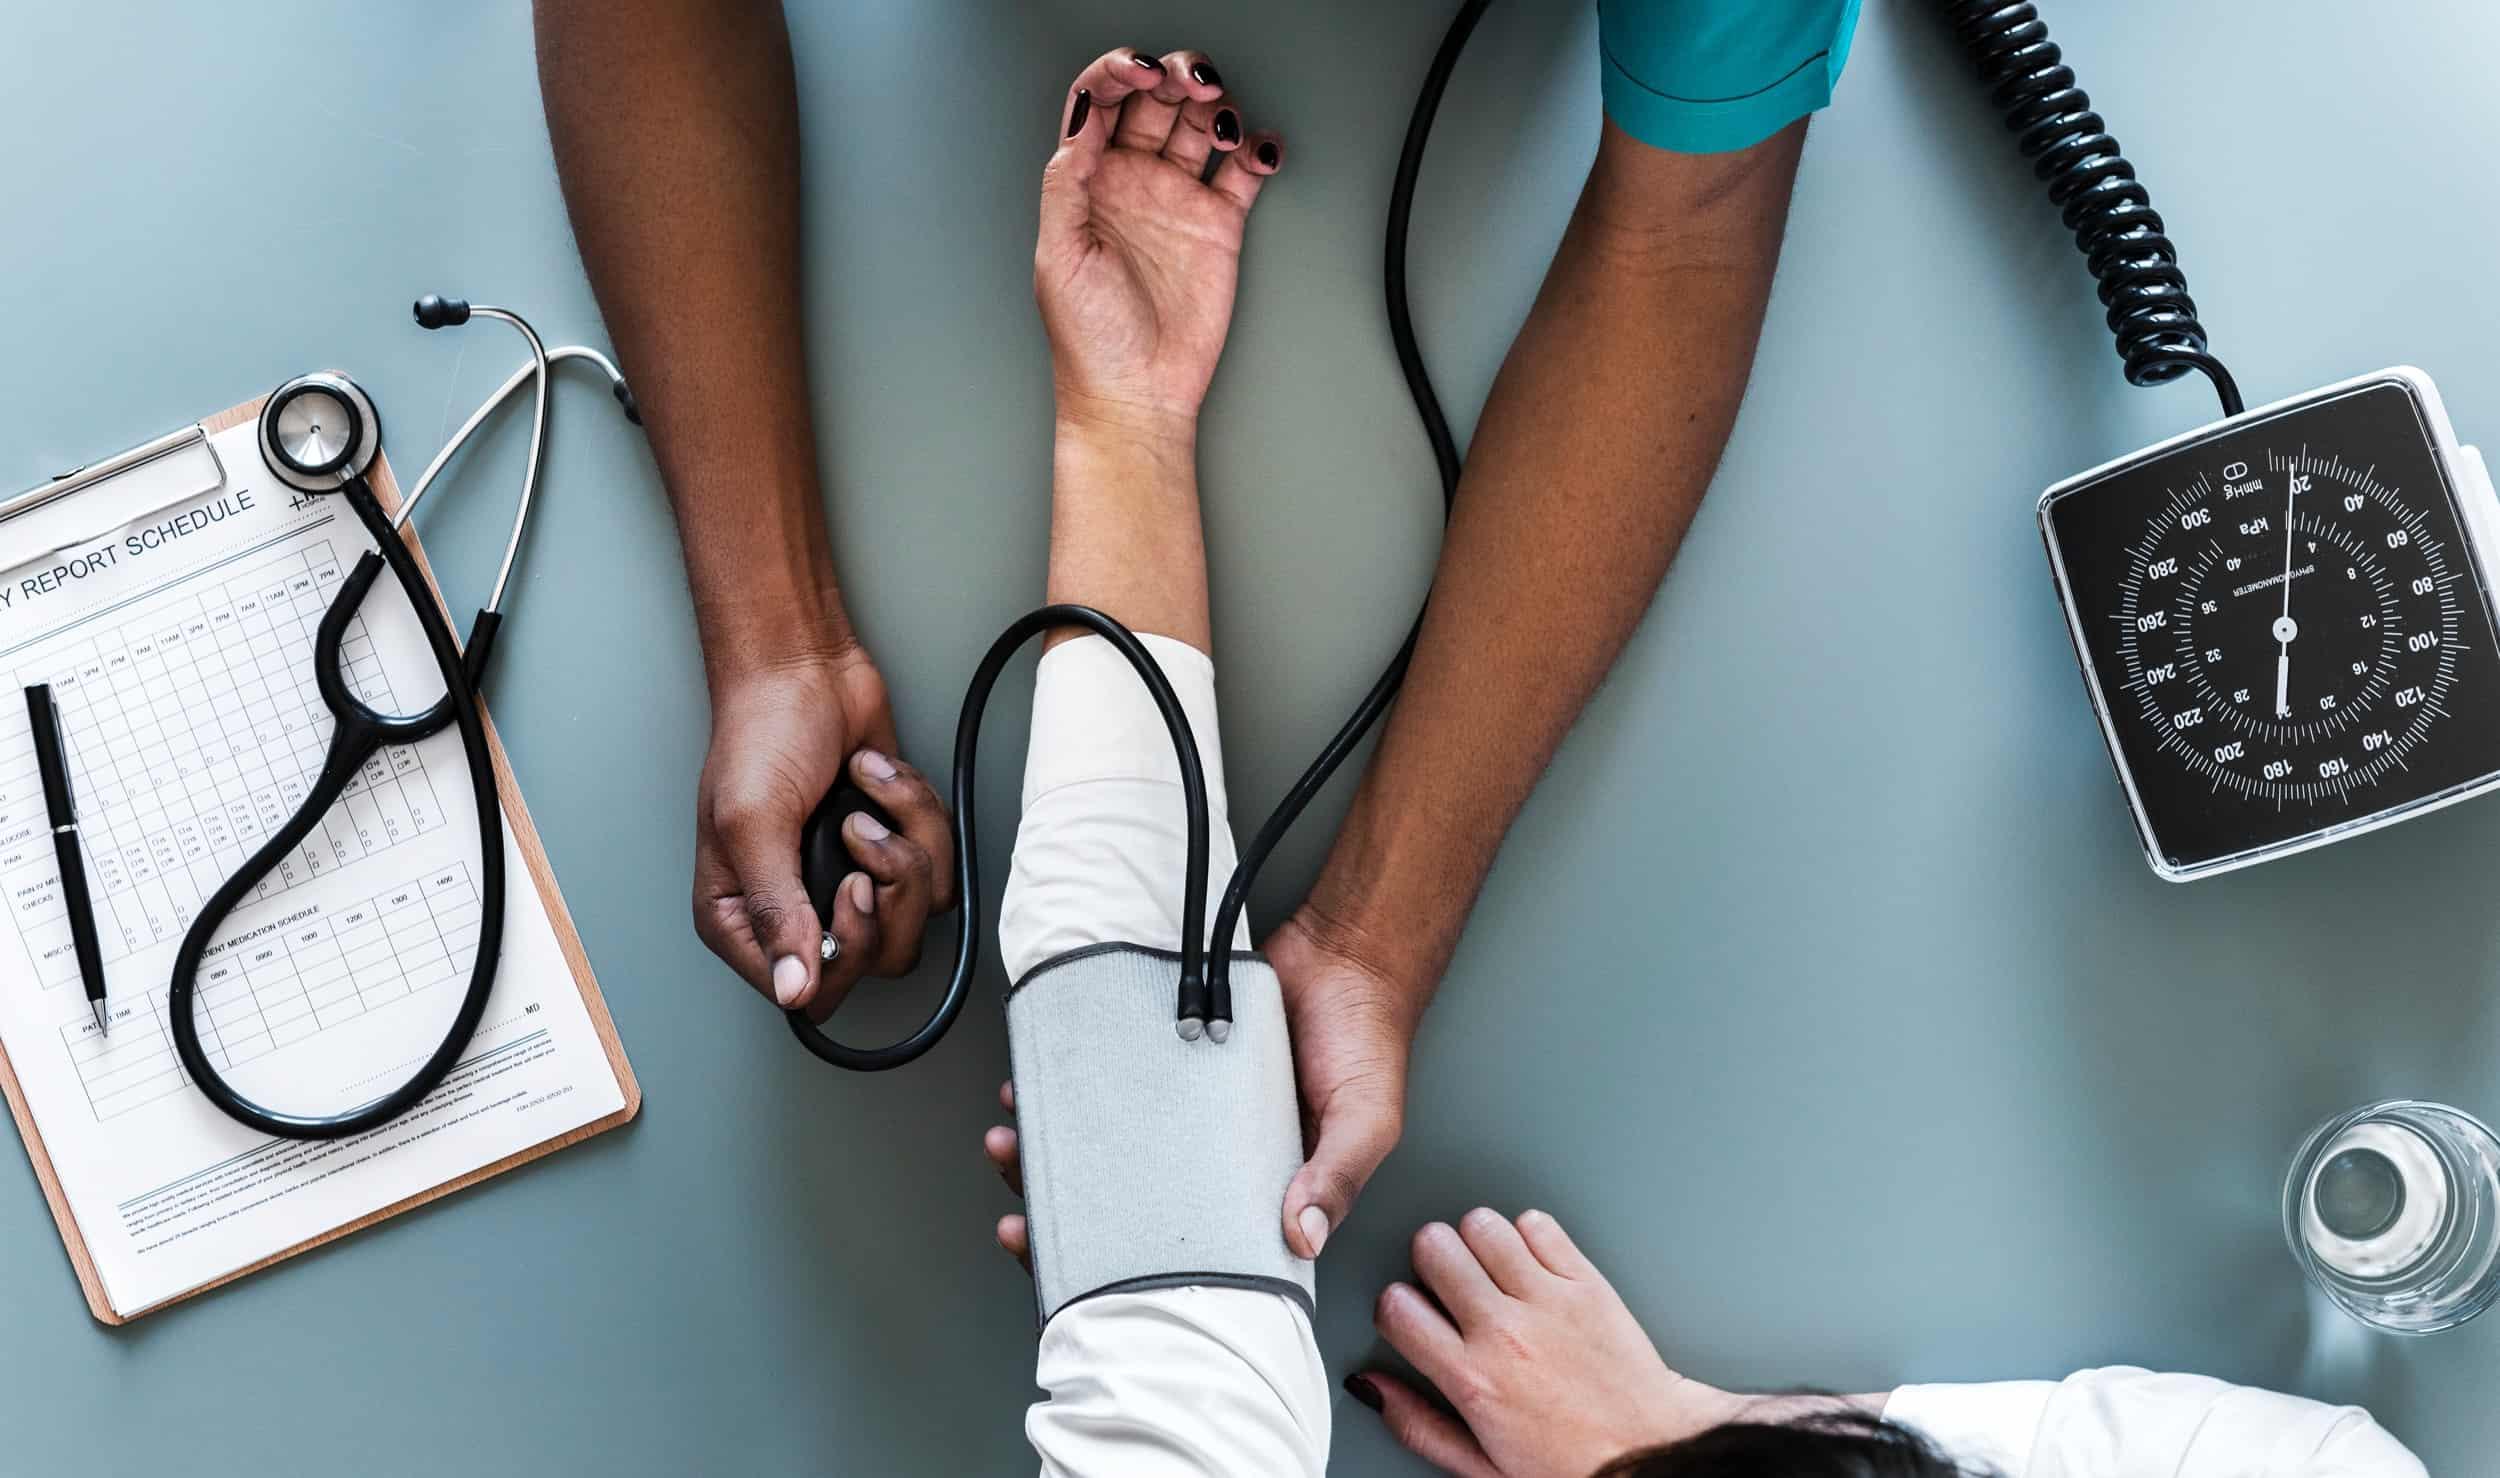 Blutdruckmessgerät: Test & Empfehlungen (01/20)